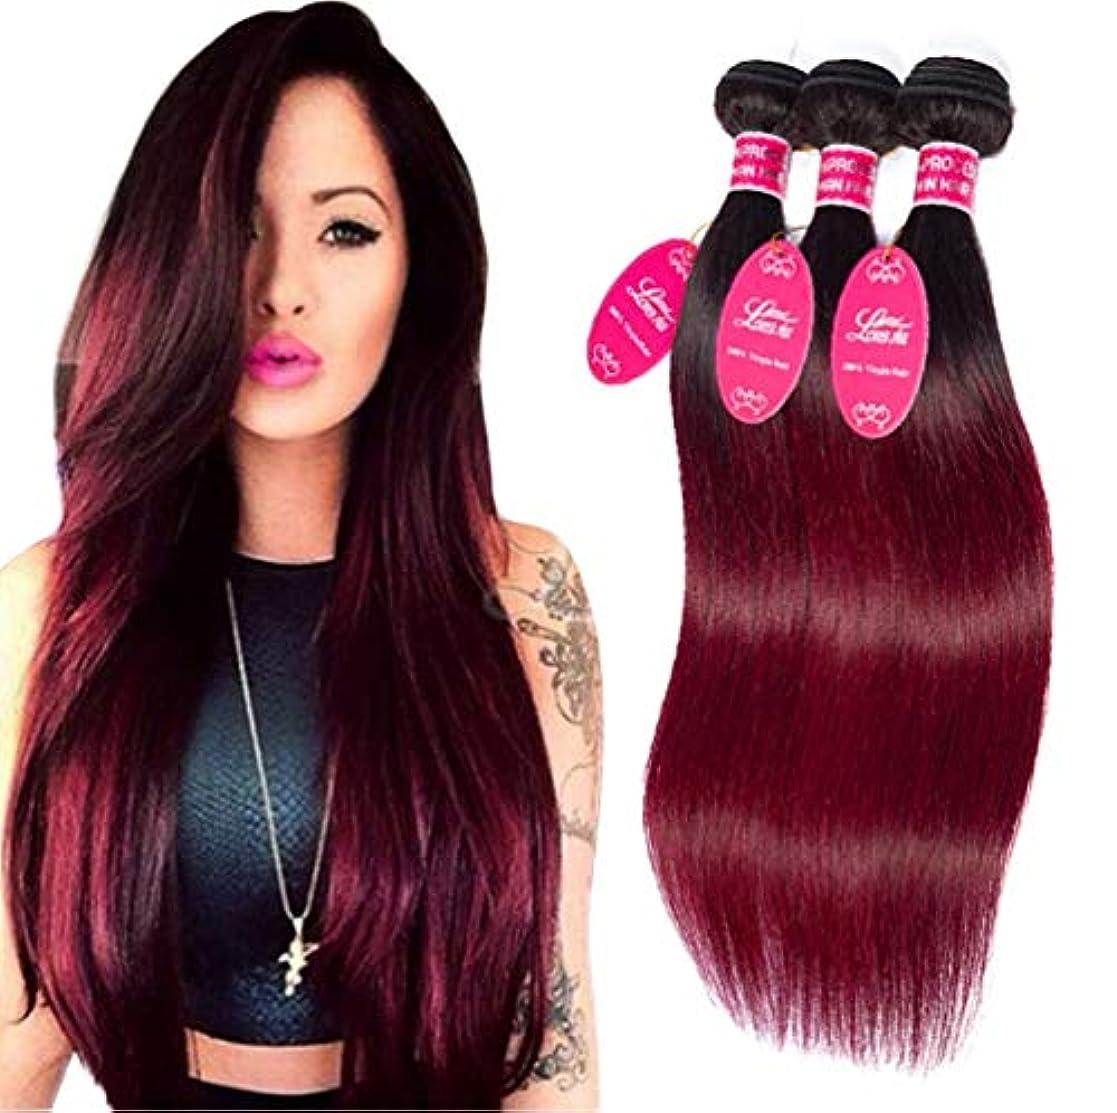 ルートりんご外出女性10A髪織りブラジルストレートヘアバンドルブラジル髪人間の髪の束自然色(3バンドル)